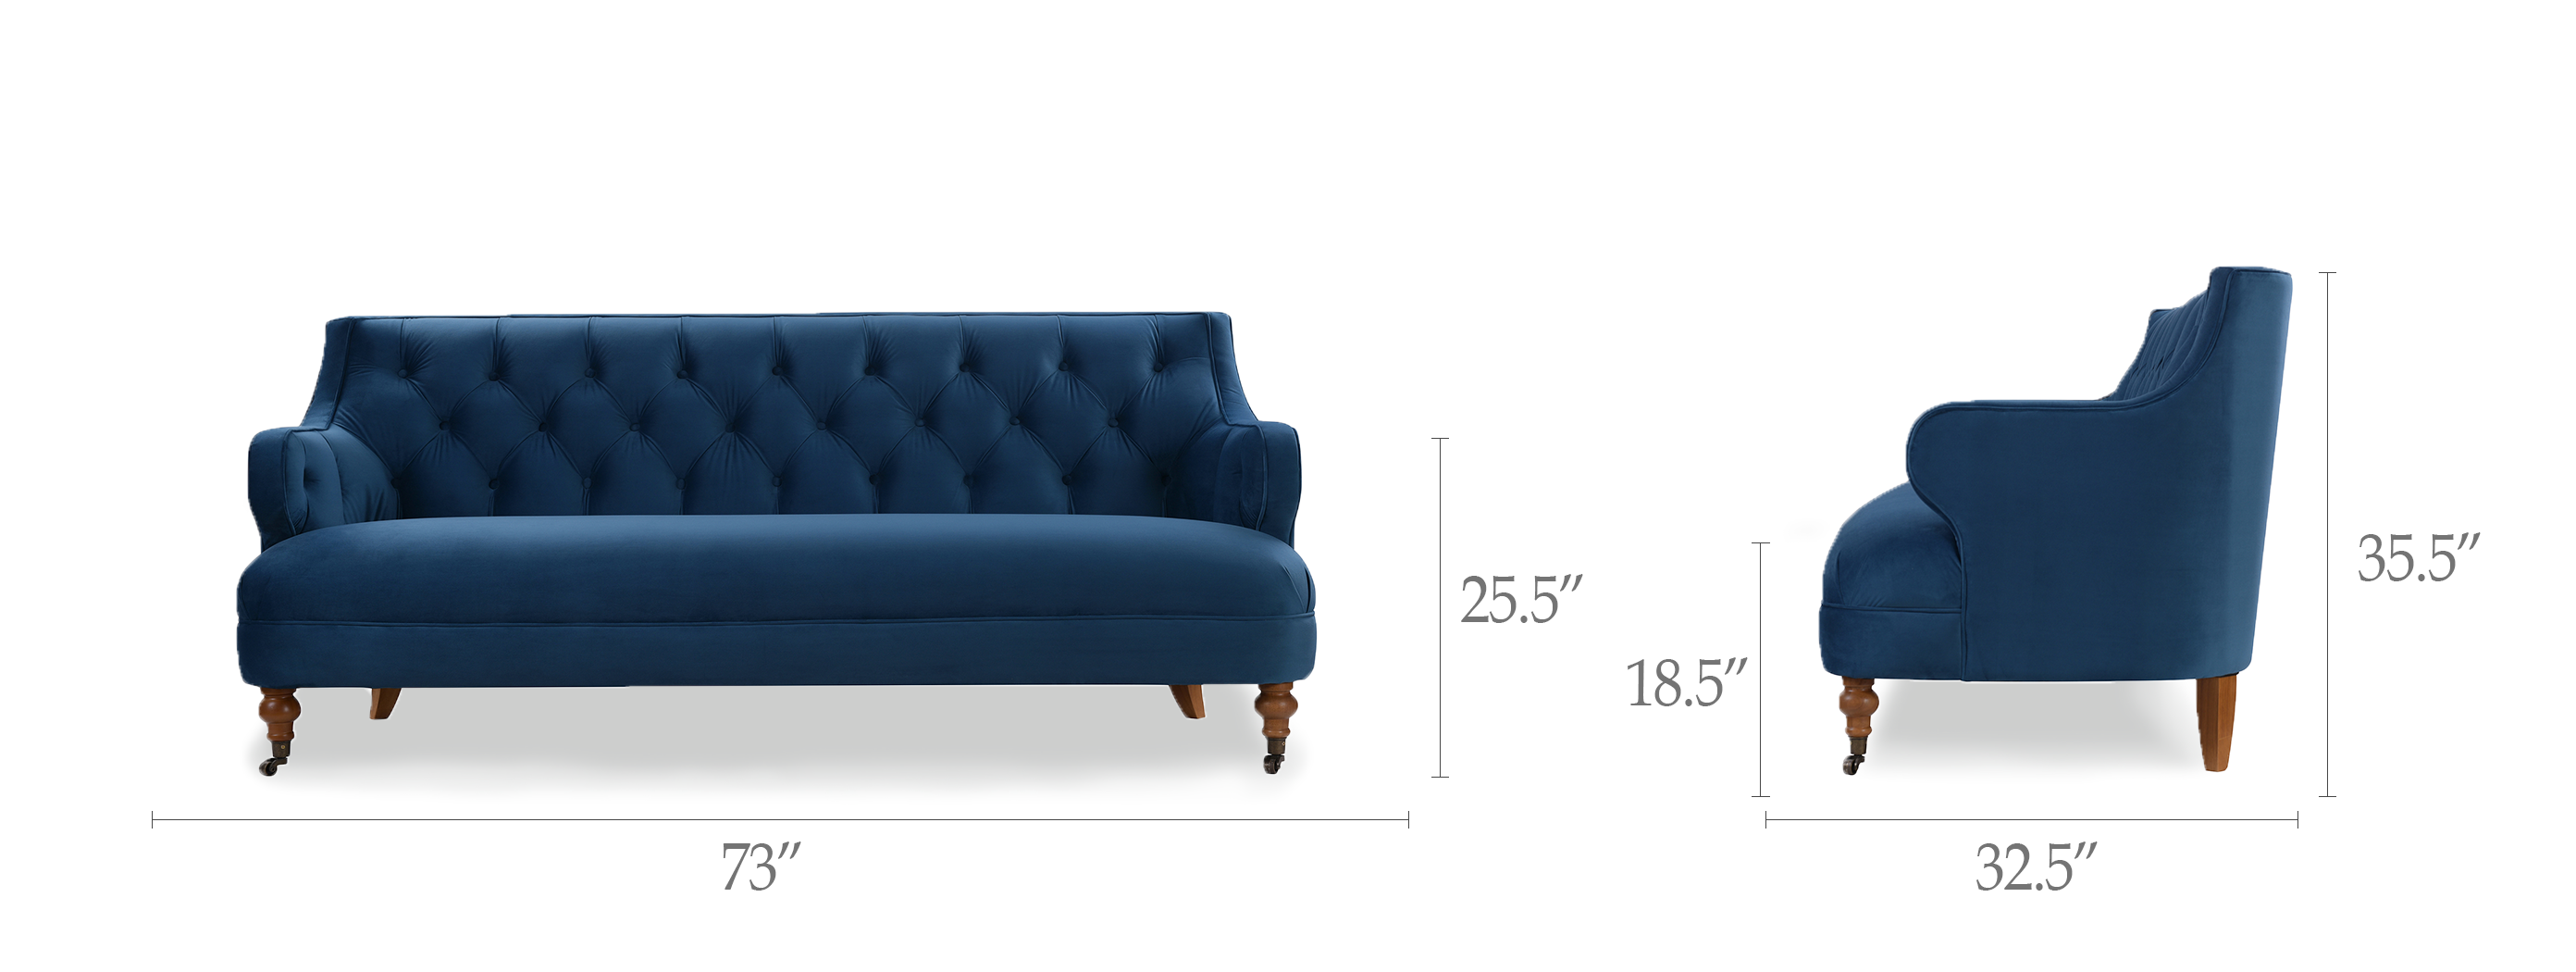 Milano Tufted Accent Sofa